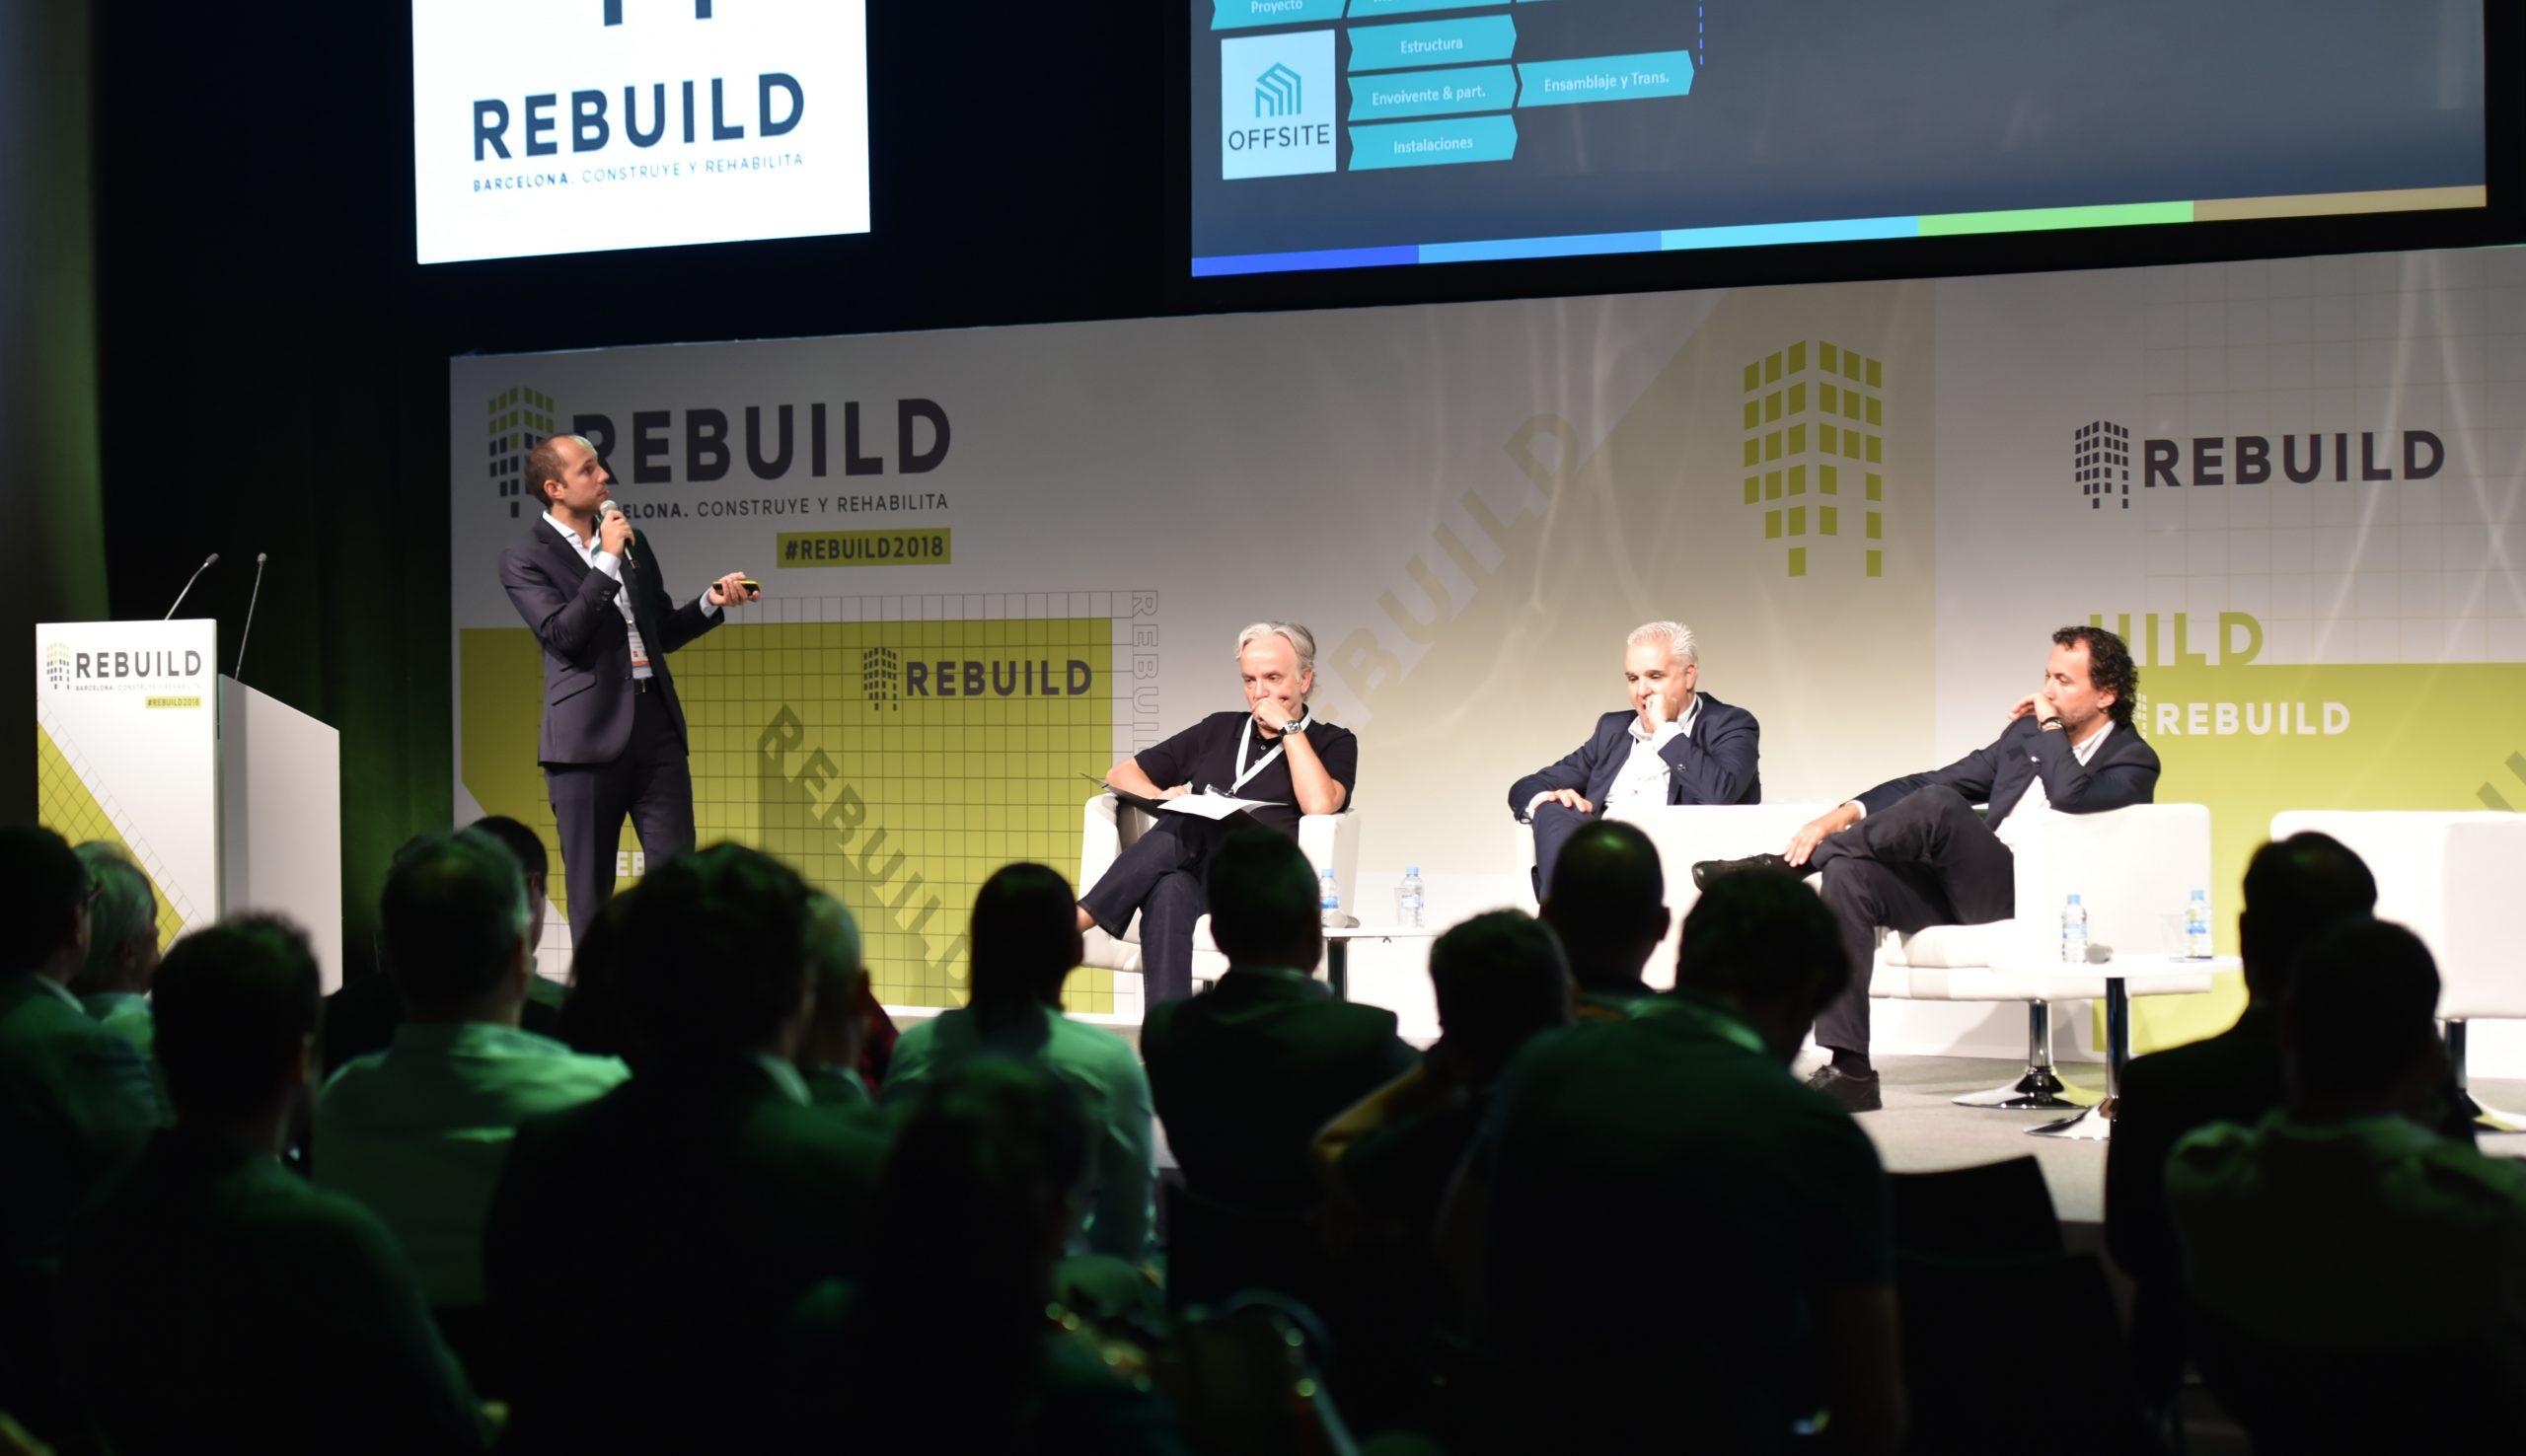 La industrialización como palanca de transformación del ecosistema de la construcción, clave en la agenda de REBUILD 2019